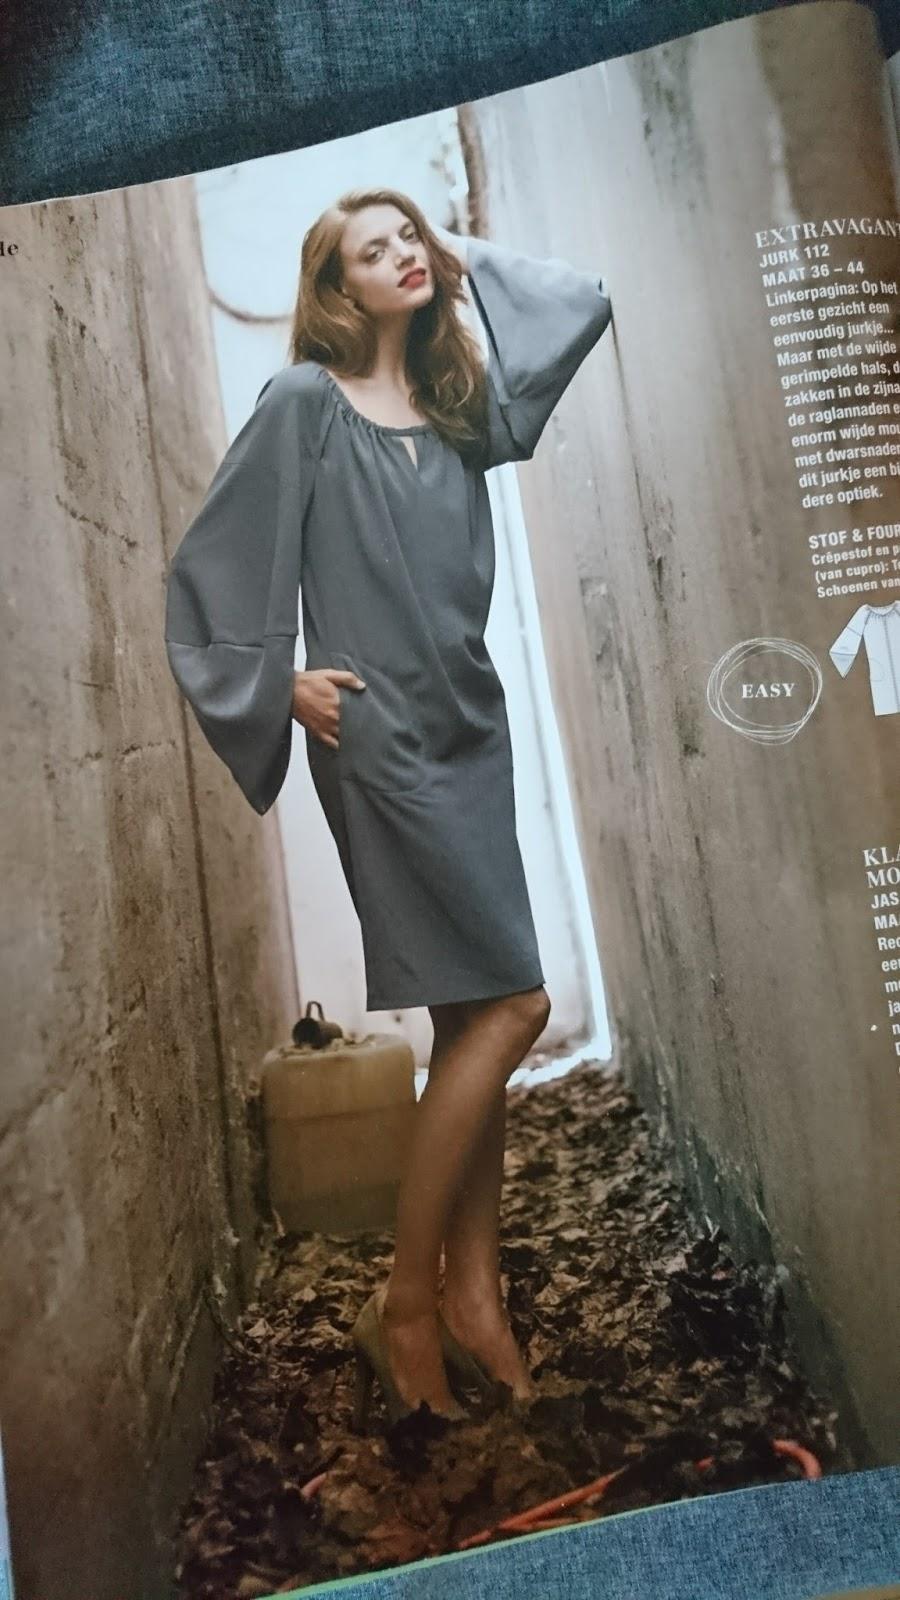 897dcb9d520 Collie-Collie: Het grijze jurkje met vleugelmouwen...